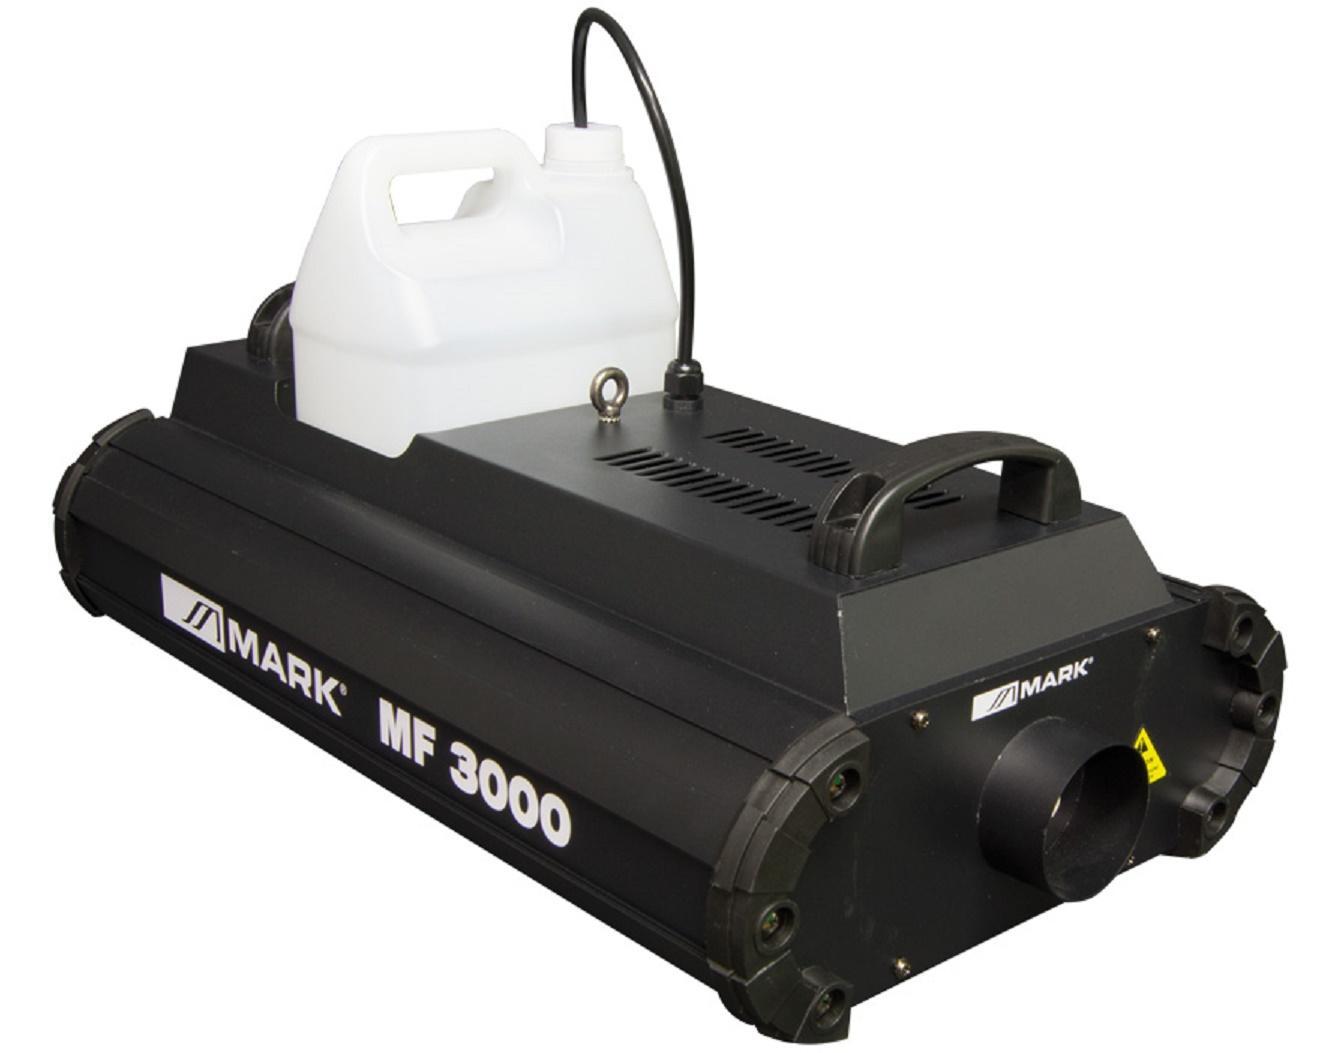 Mark Mf 3000 Máquina de Humo